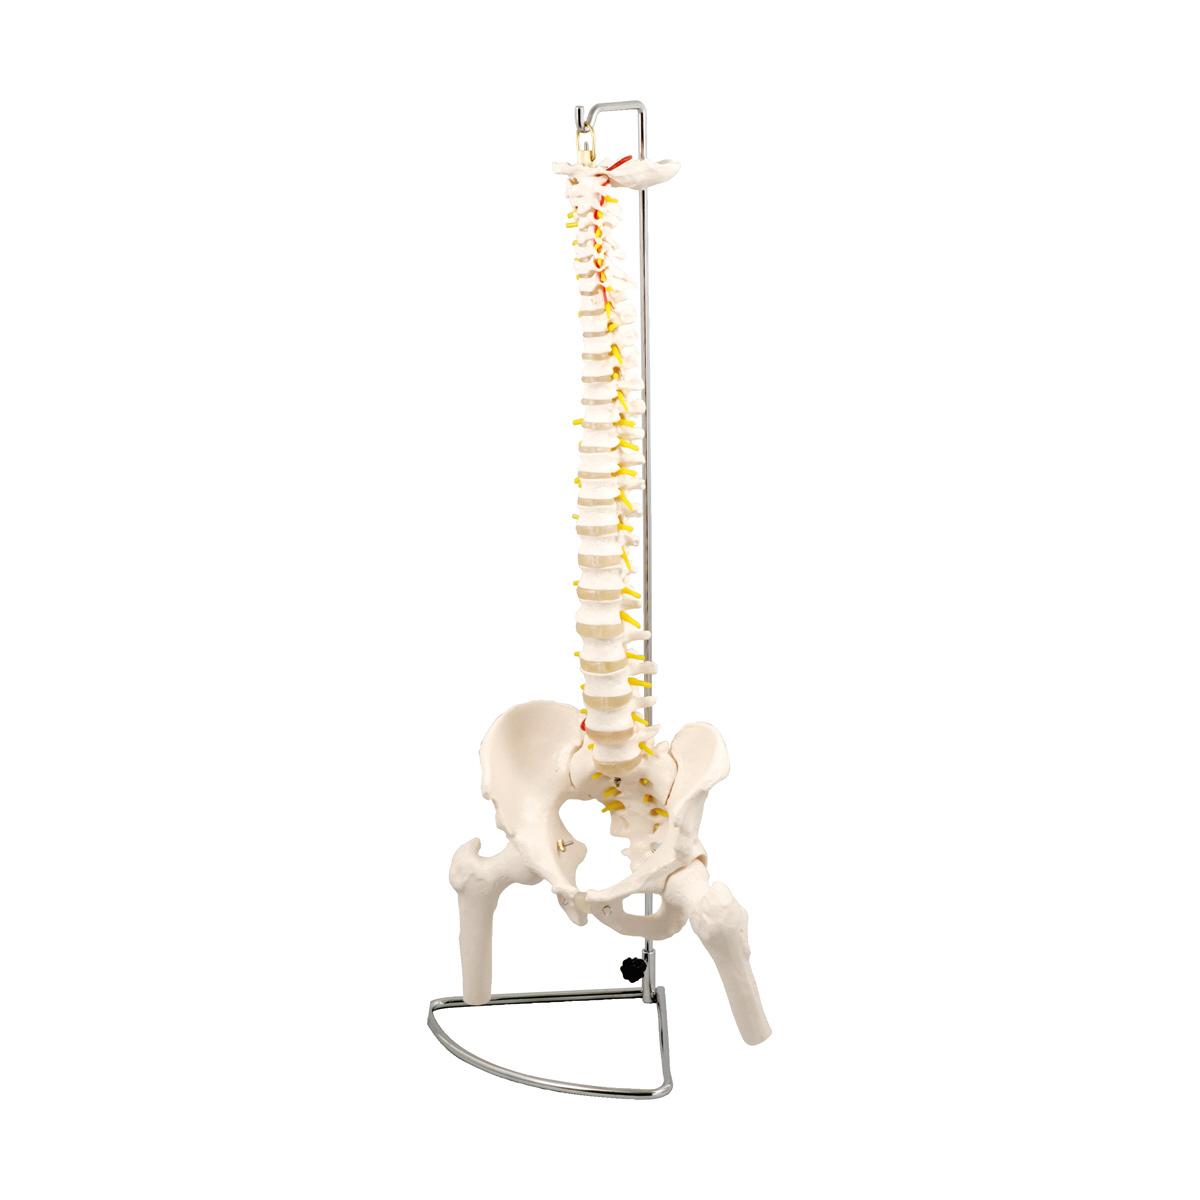 ●脊柱模型 大腿骨付